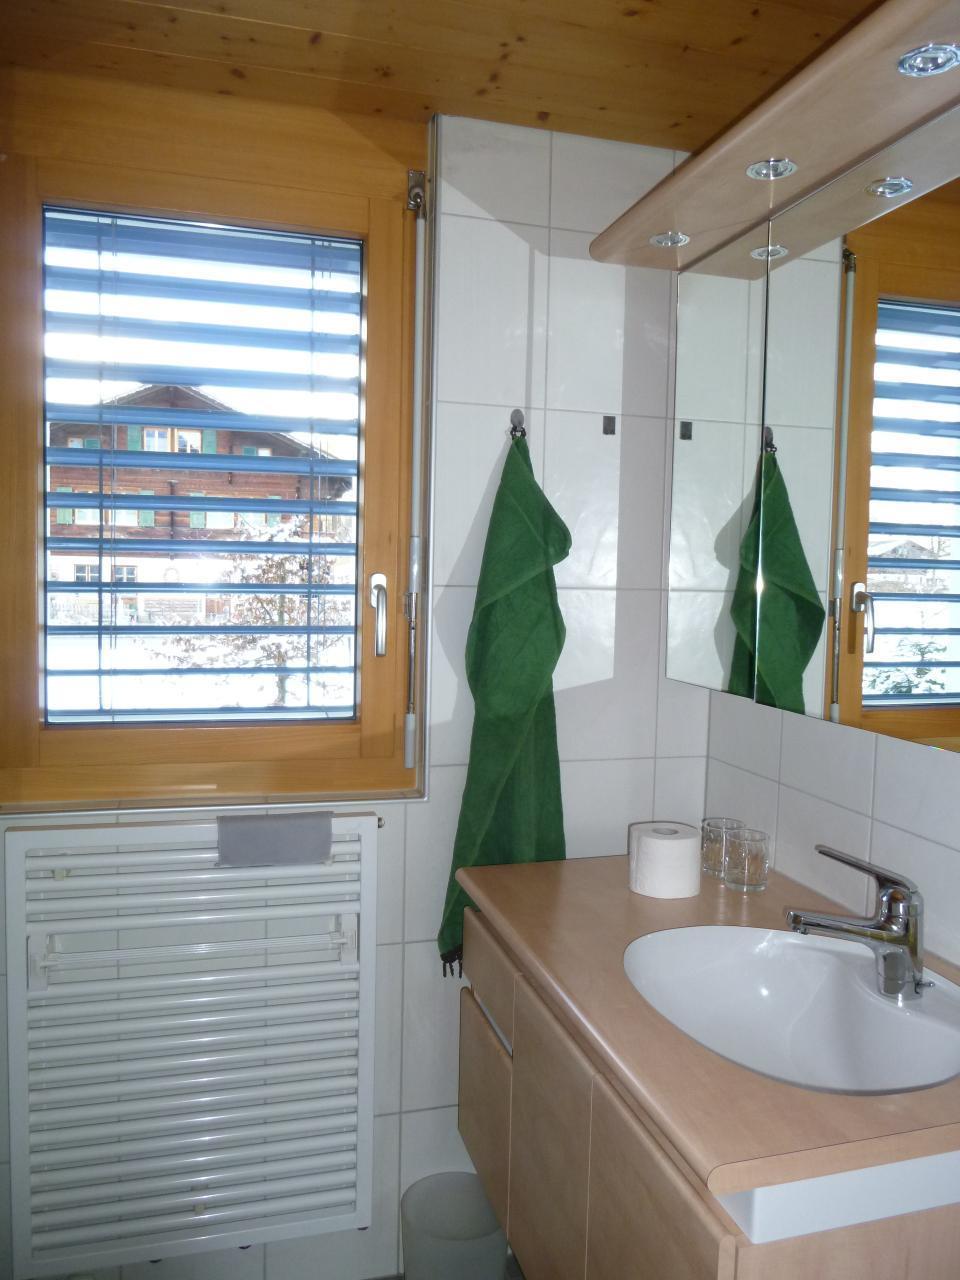 Appartement de vacances 2-Zimmer Wohnung im Ferienparadies Kandertal (2385249), Kandergrund, Adelboden - Frutigen - Kandersteg, Oberland bernois, Suisse, image 15